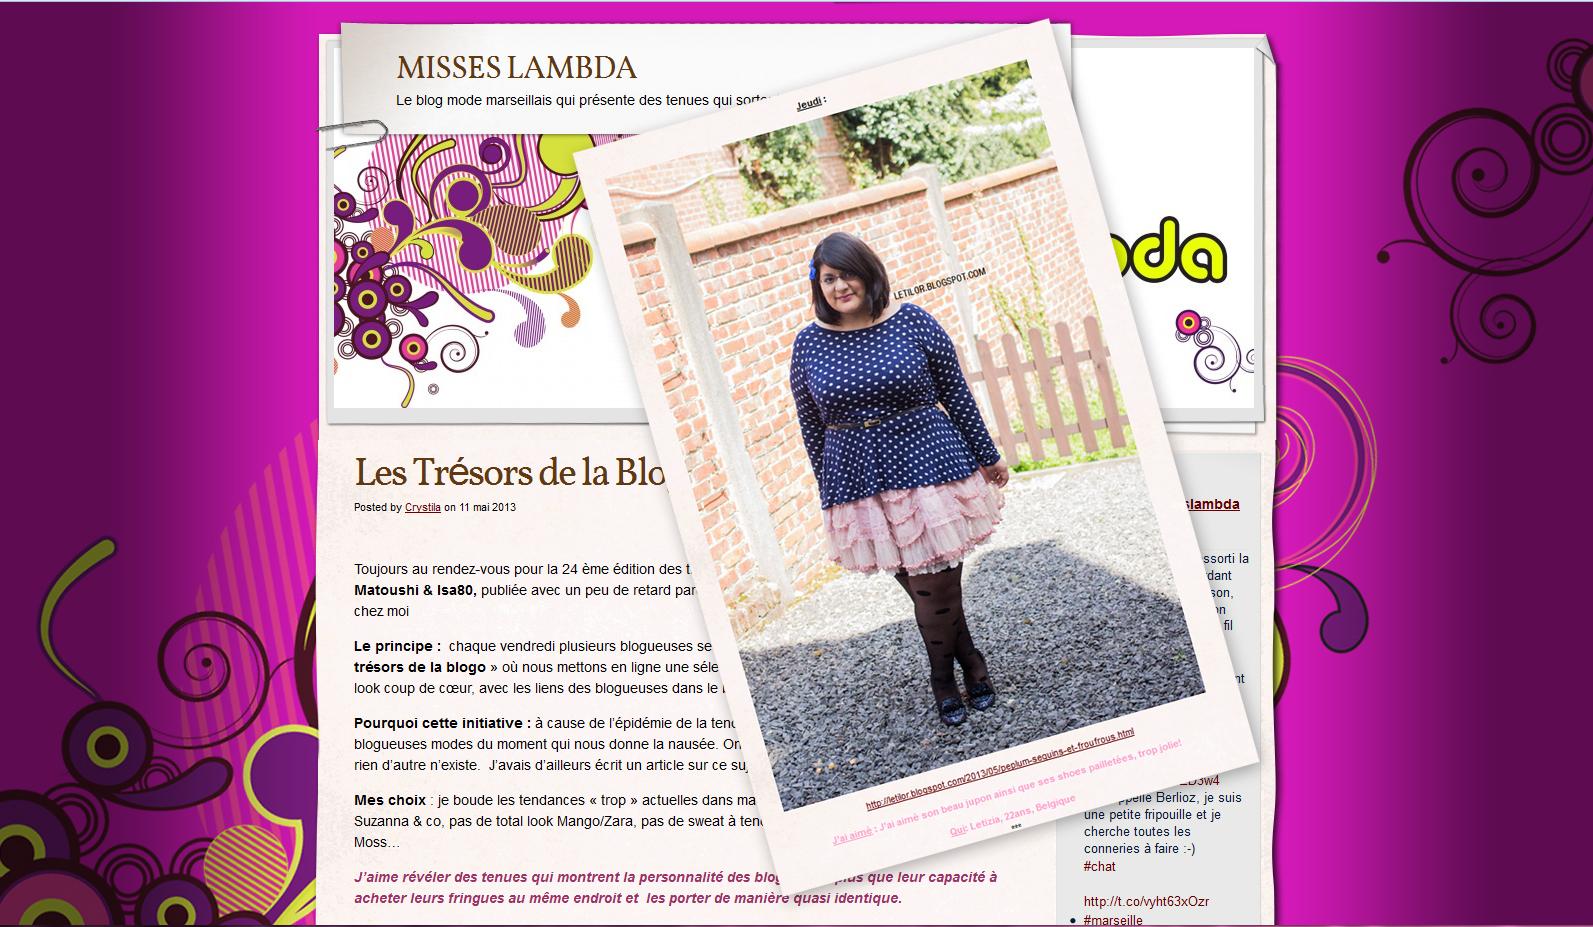 Misses Lambda